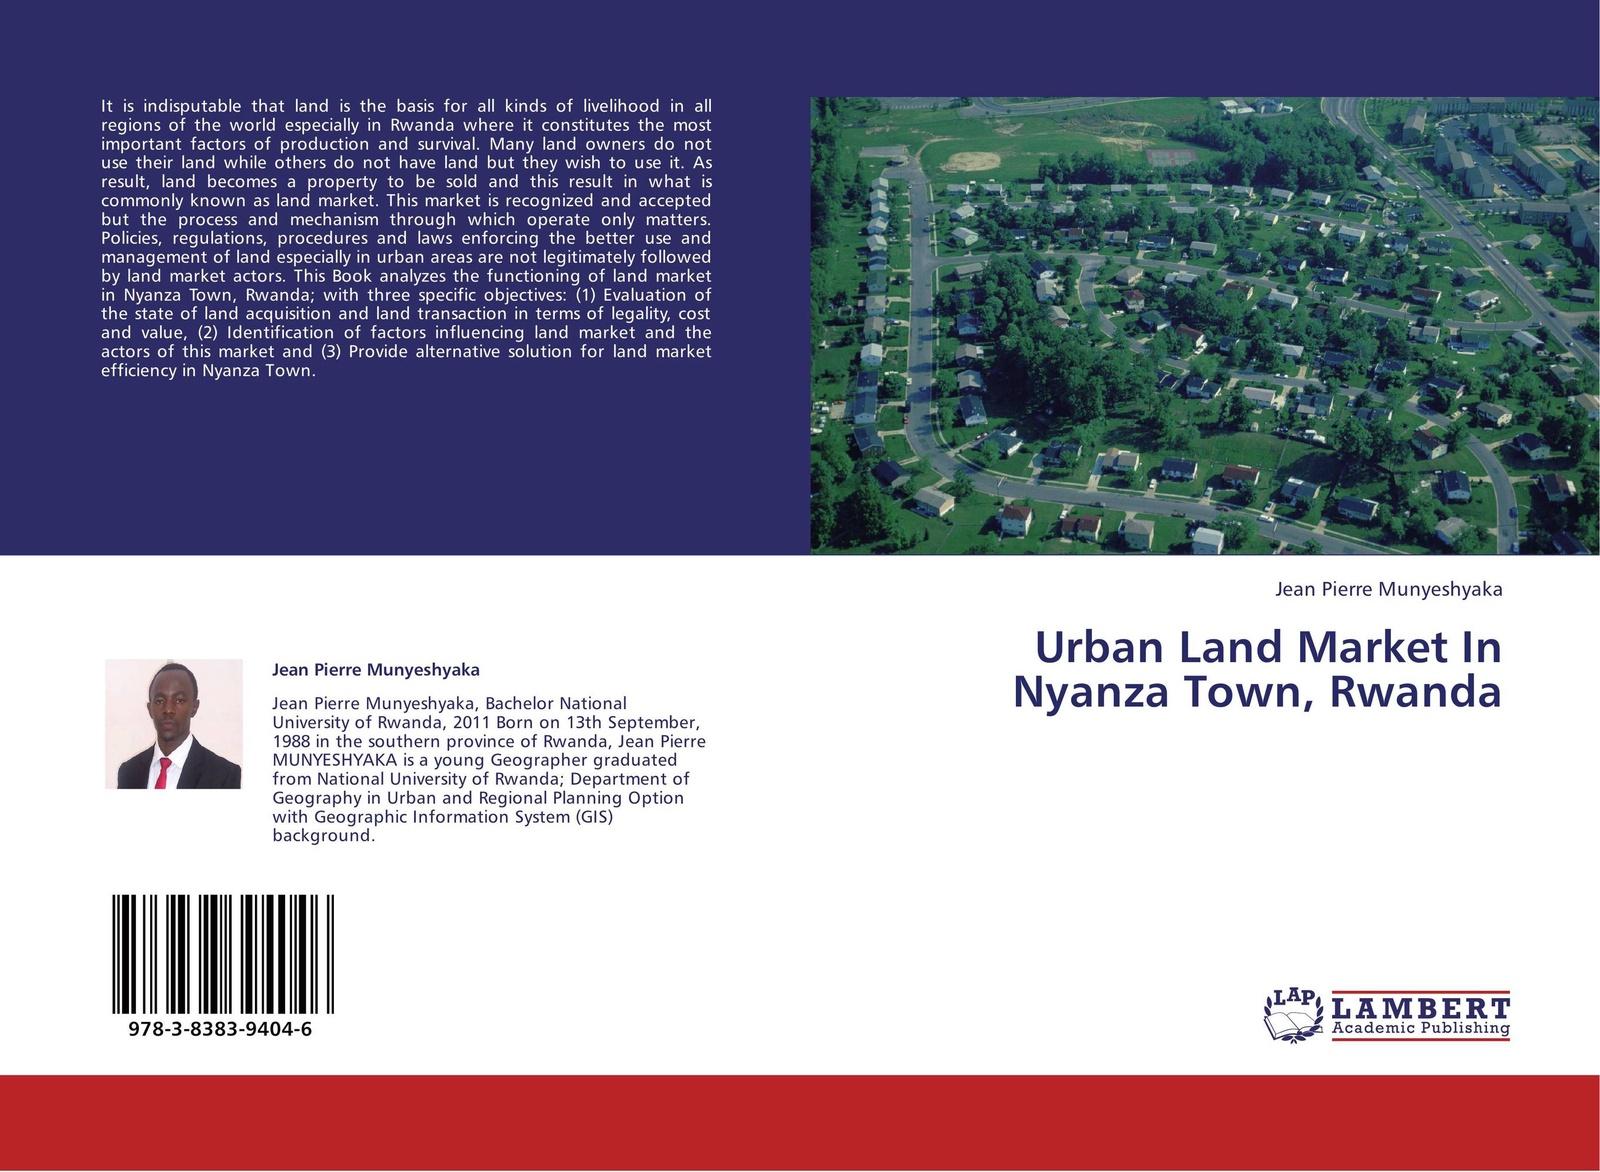 Jean Pierre Munyeshyaka Urban Land Market In Nyanza Town, Rwanda tunisia the land of handcraft tunesien das land des kunsthandwerks